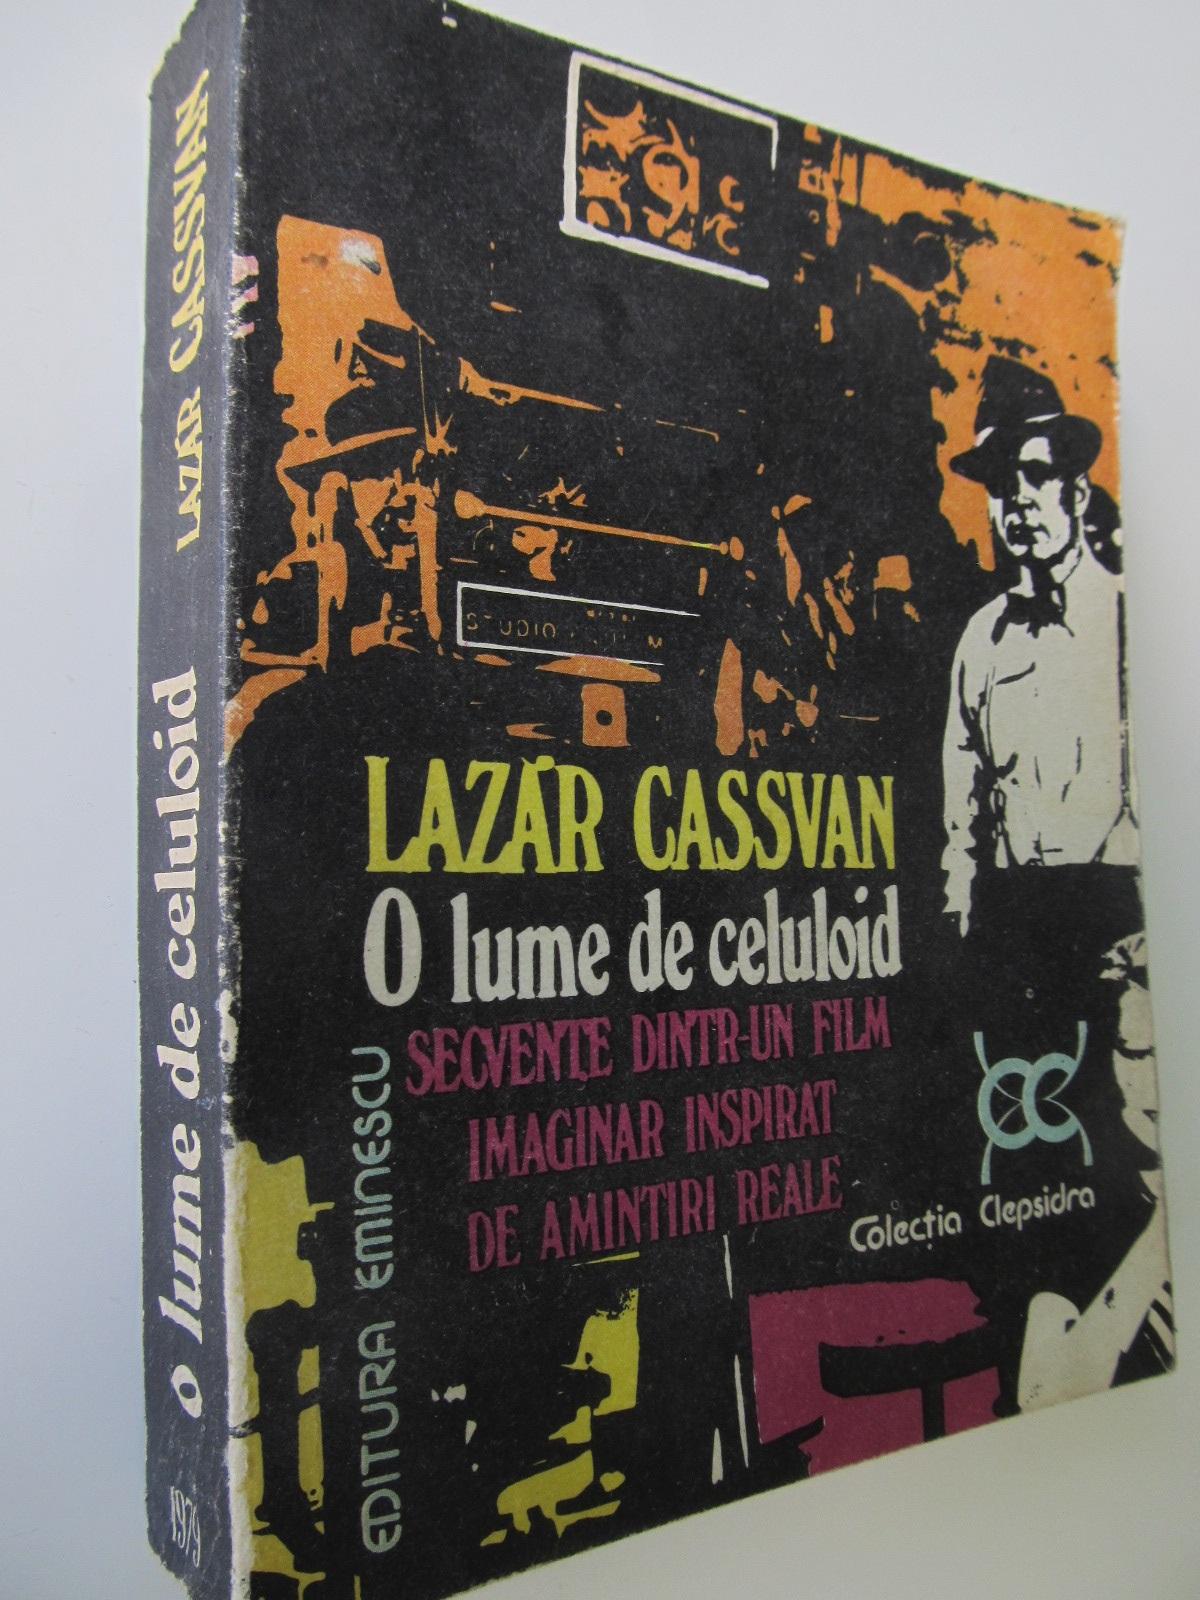 O lume de celuloid Secvente dintr-un film imaginar inspirat de amintiri reale - Lazar Cassavan   Detalii carte